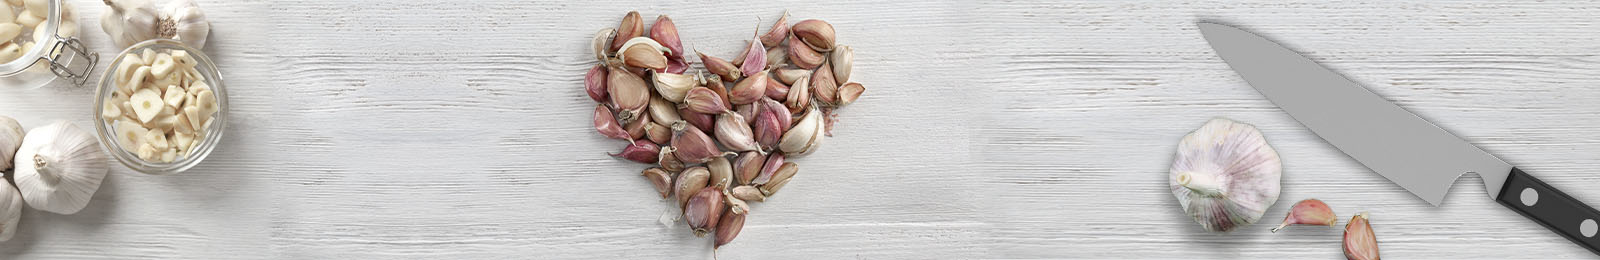 Garlic: 10 Health Benefits